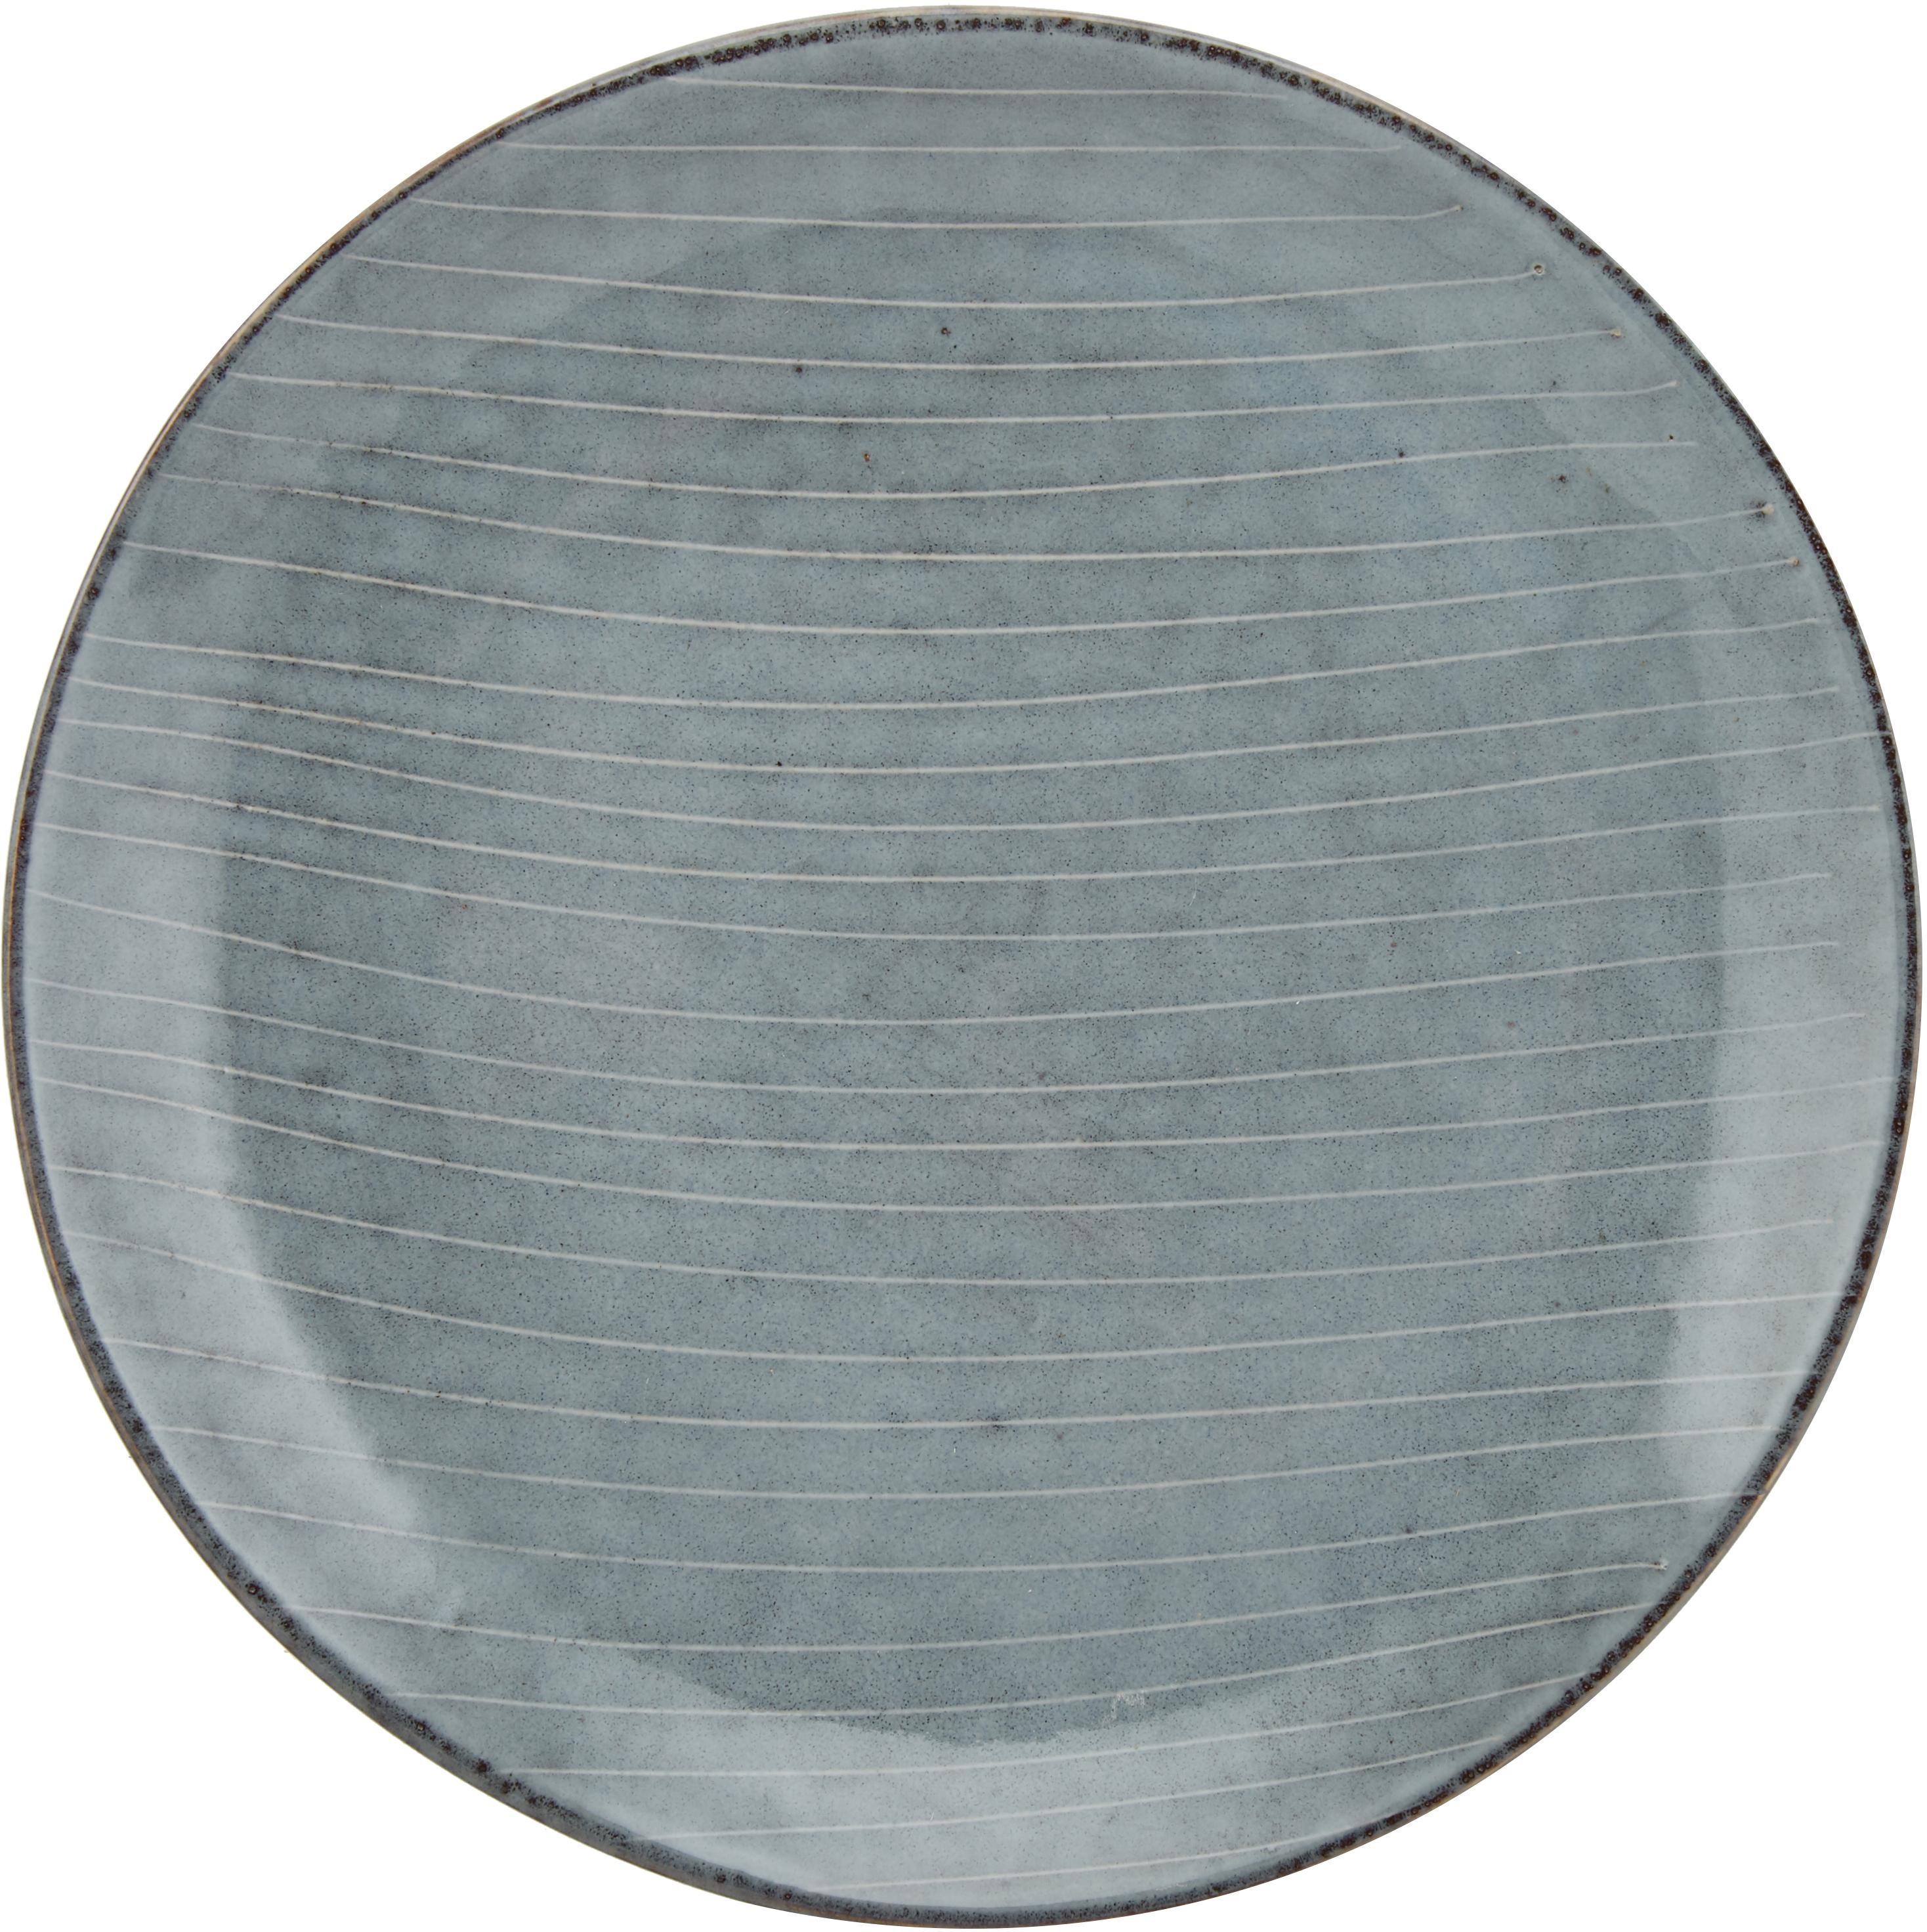 Platos postre artesanales Nordic Sea, 4uds., Gres, Tonos de gris y azul, Ø 20 x Al 3 cm